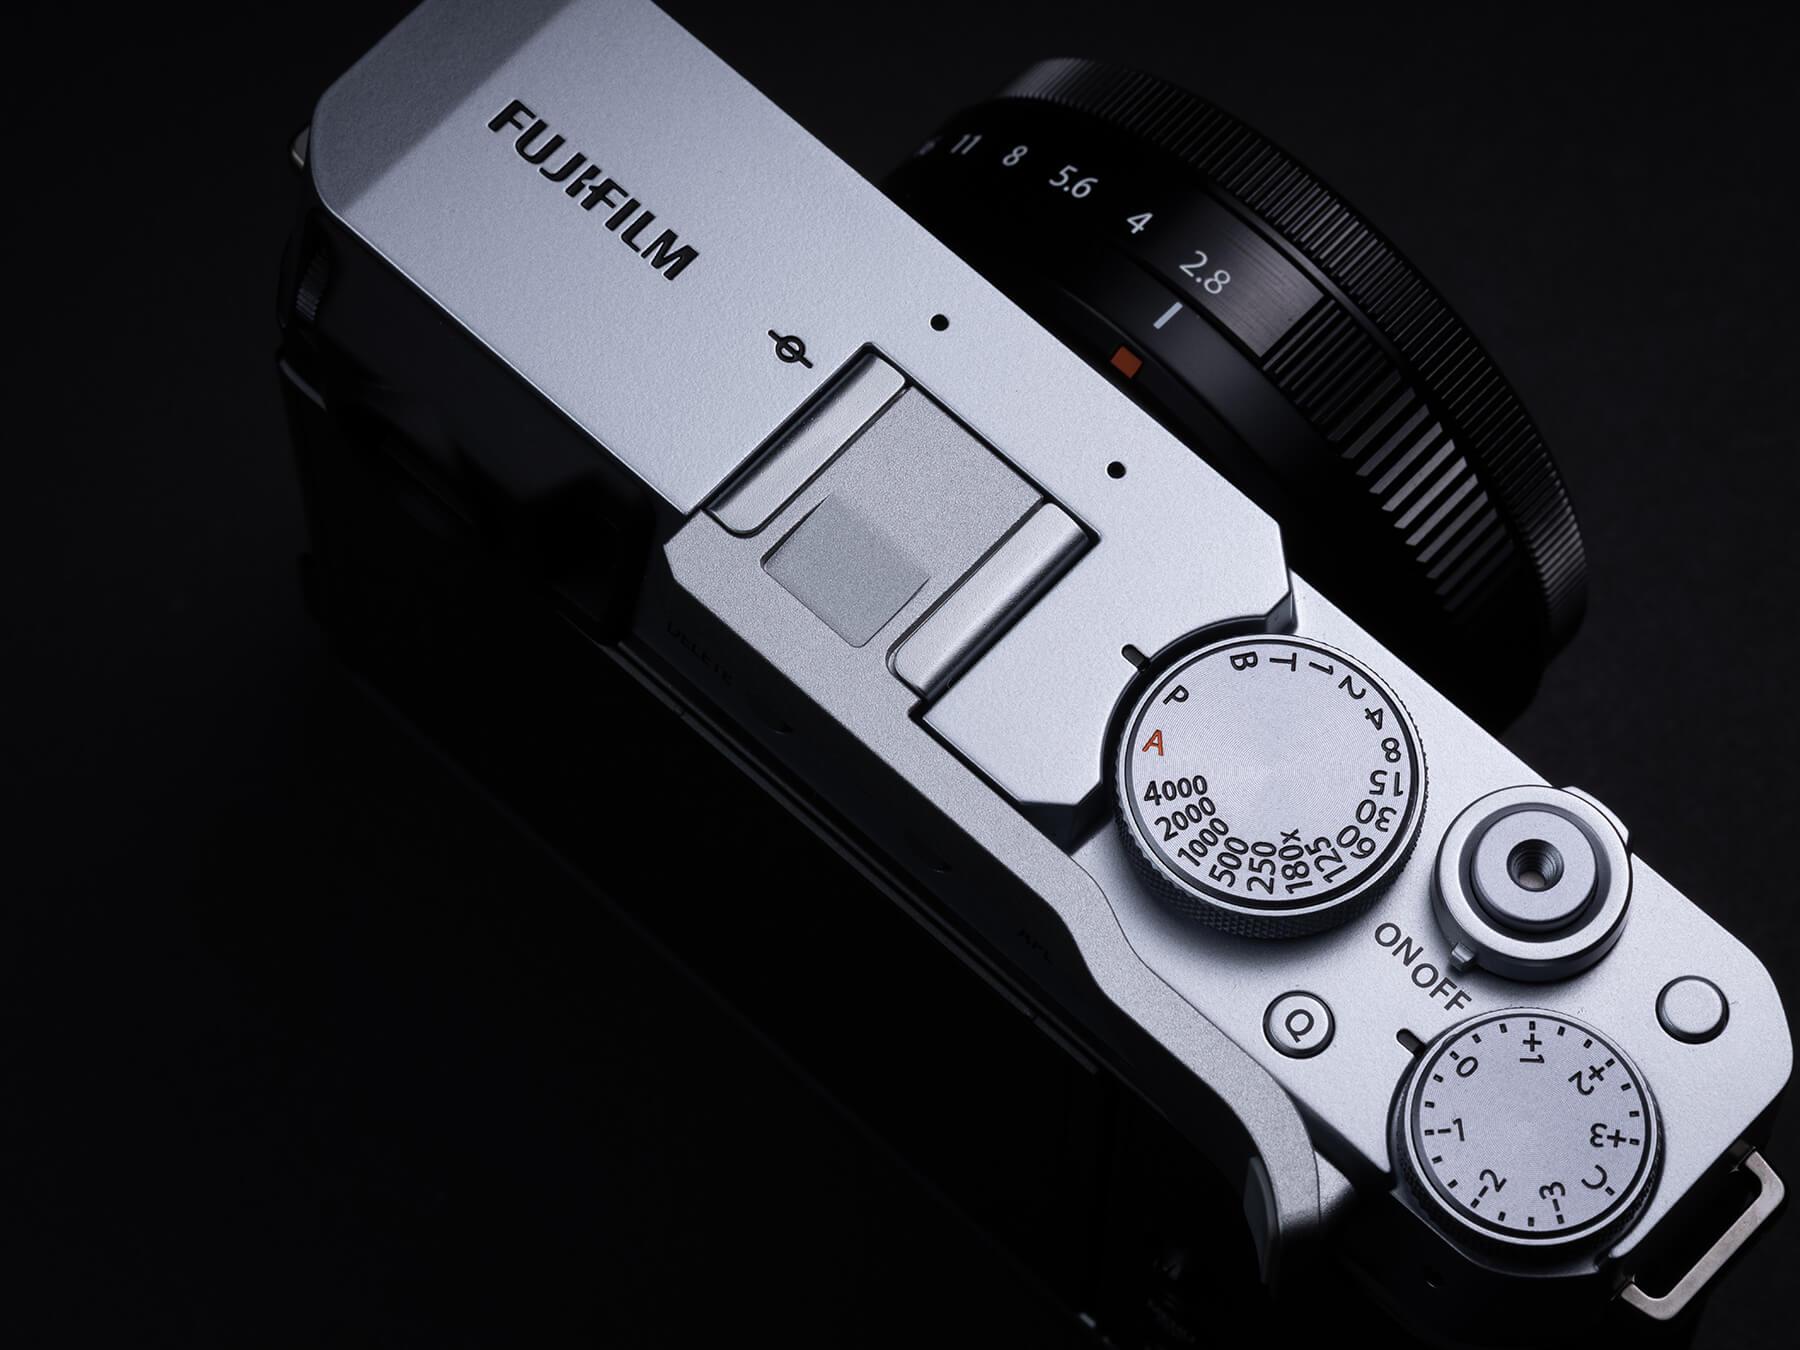 Fujifilm X-E4 top